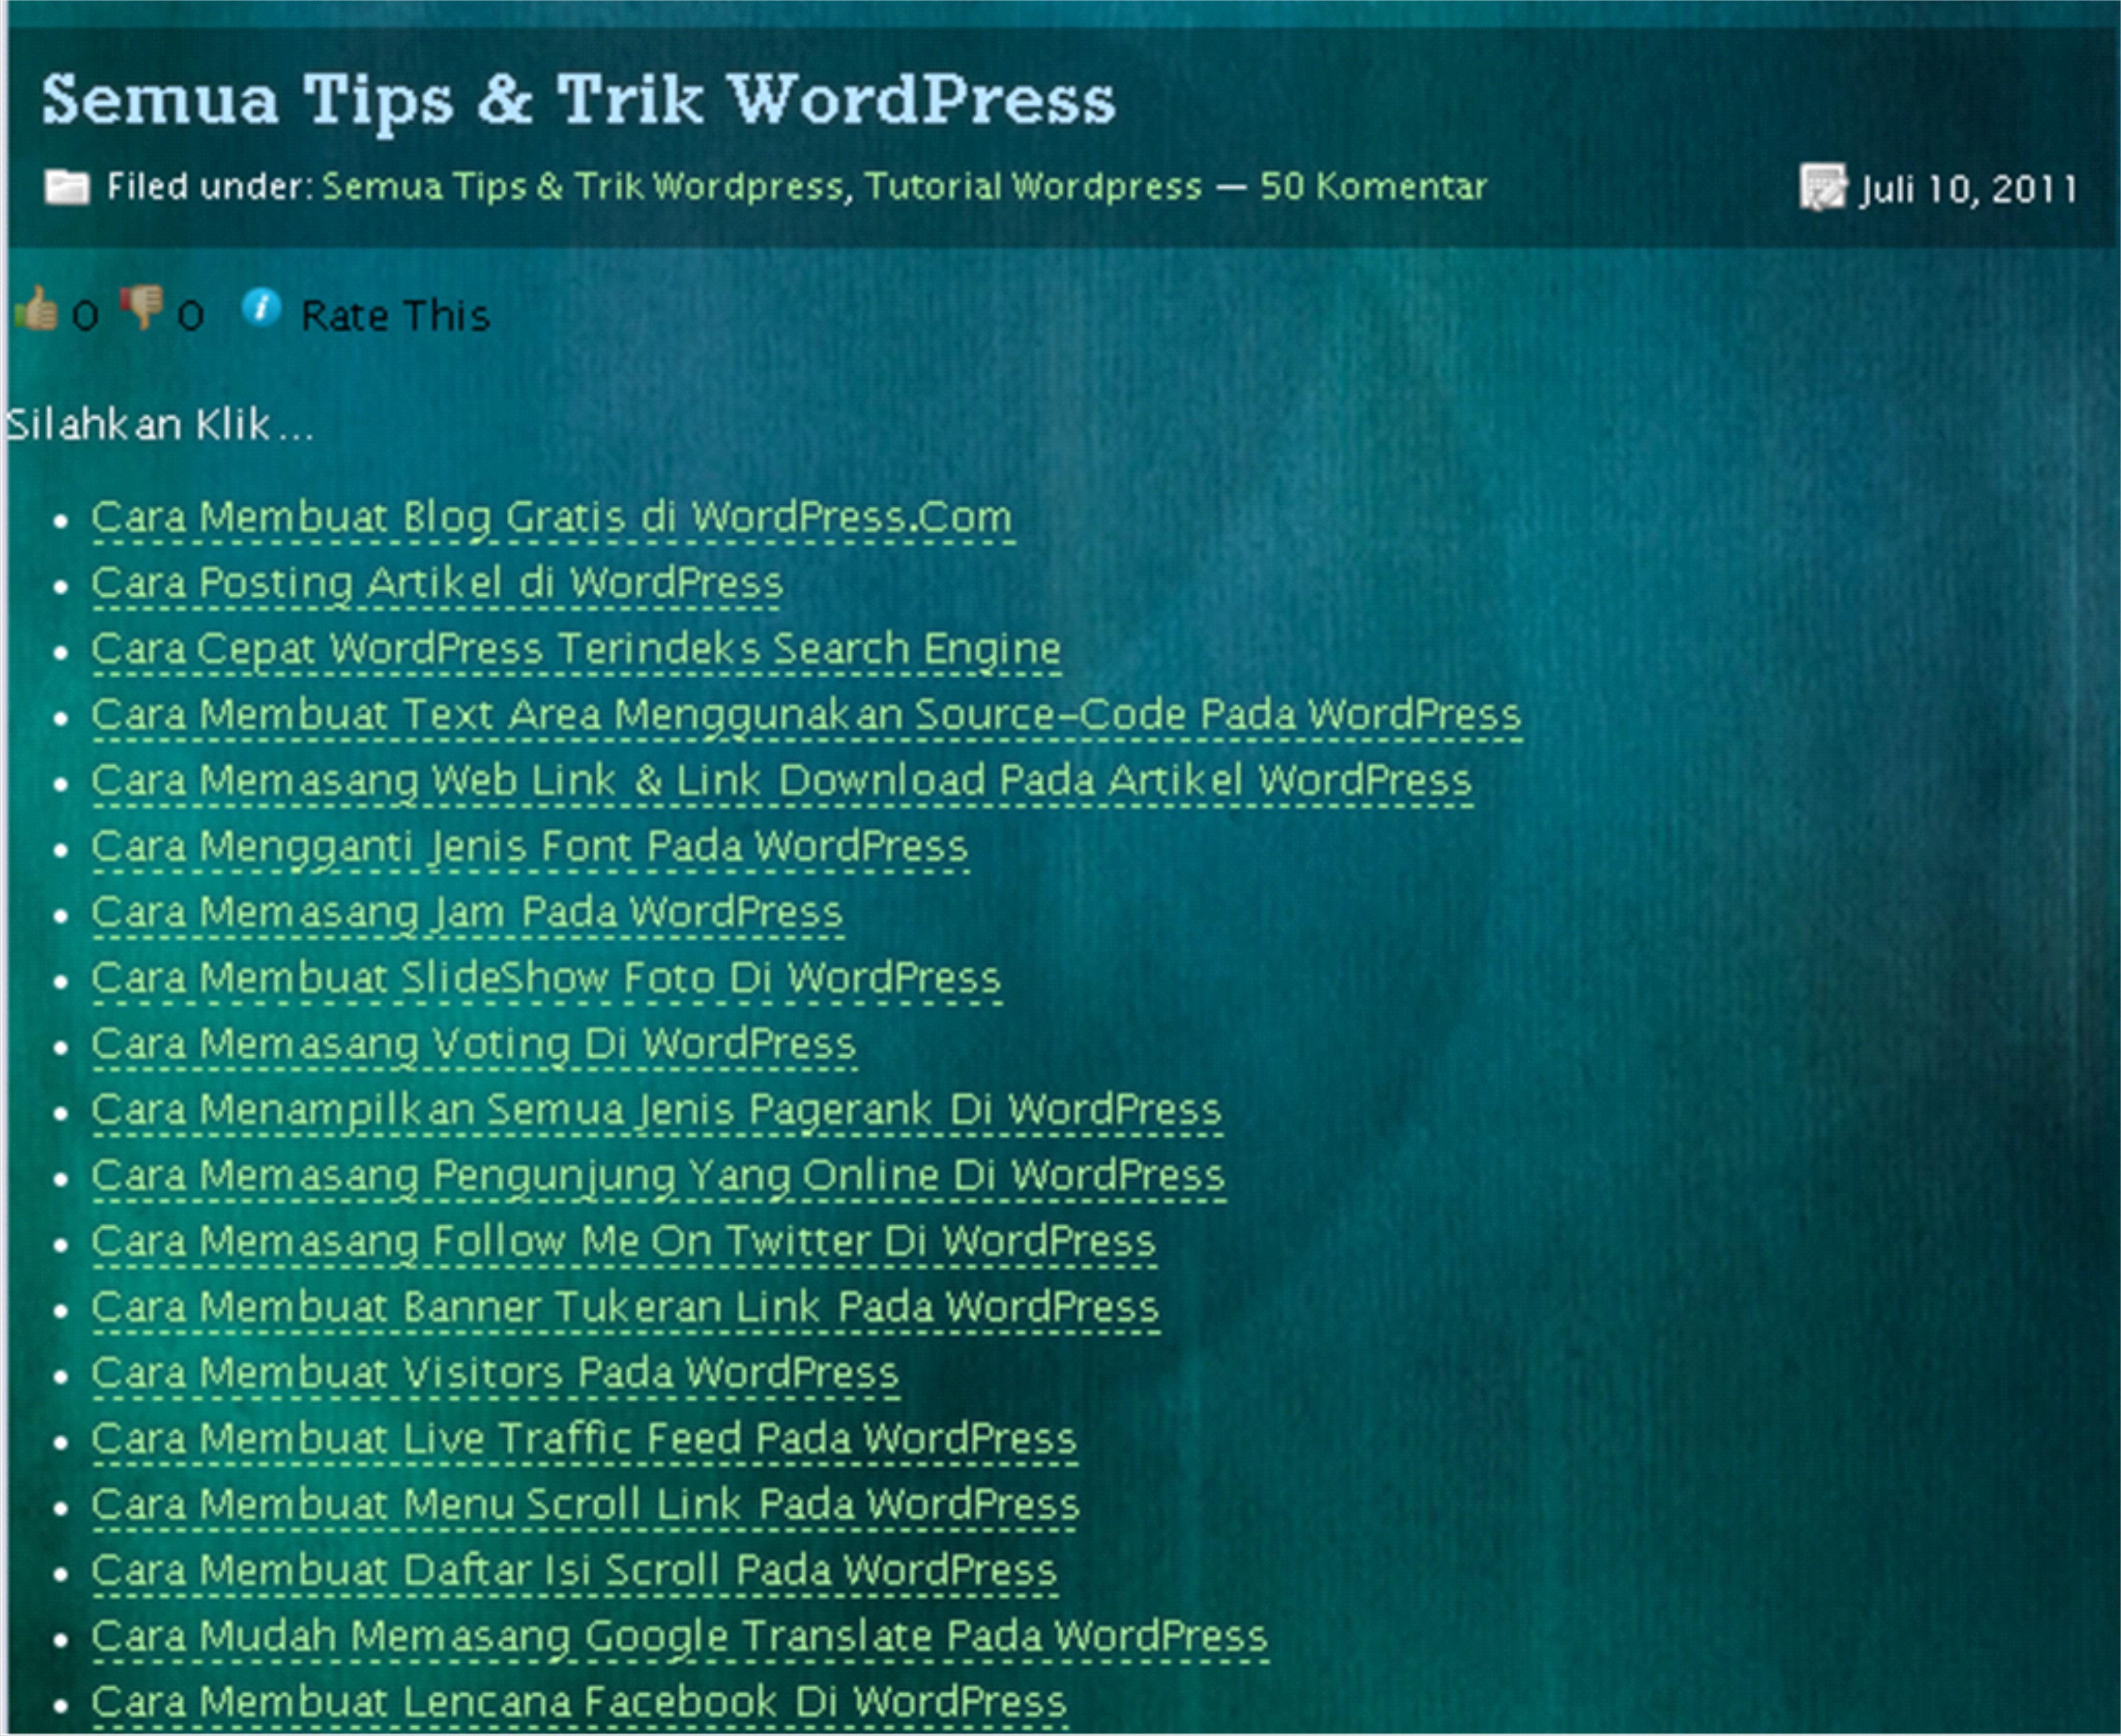 Cara Membuat Page Yang Berisi Artikel Sesuai Kategori Pada